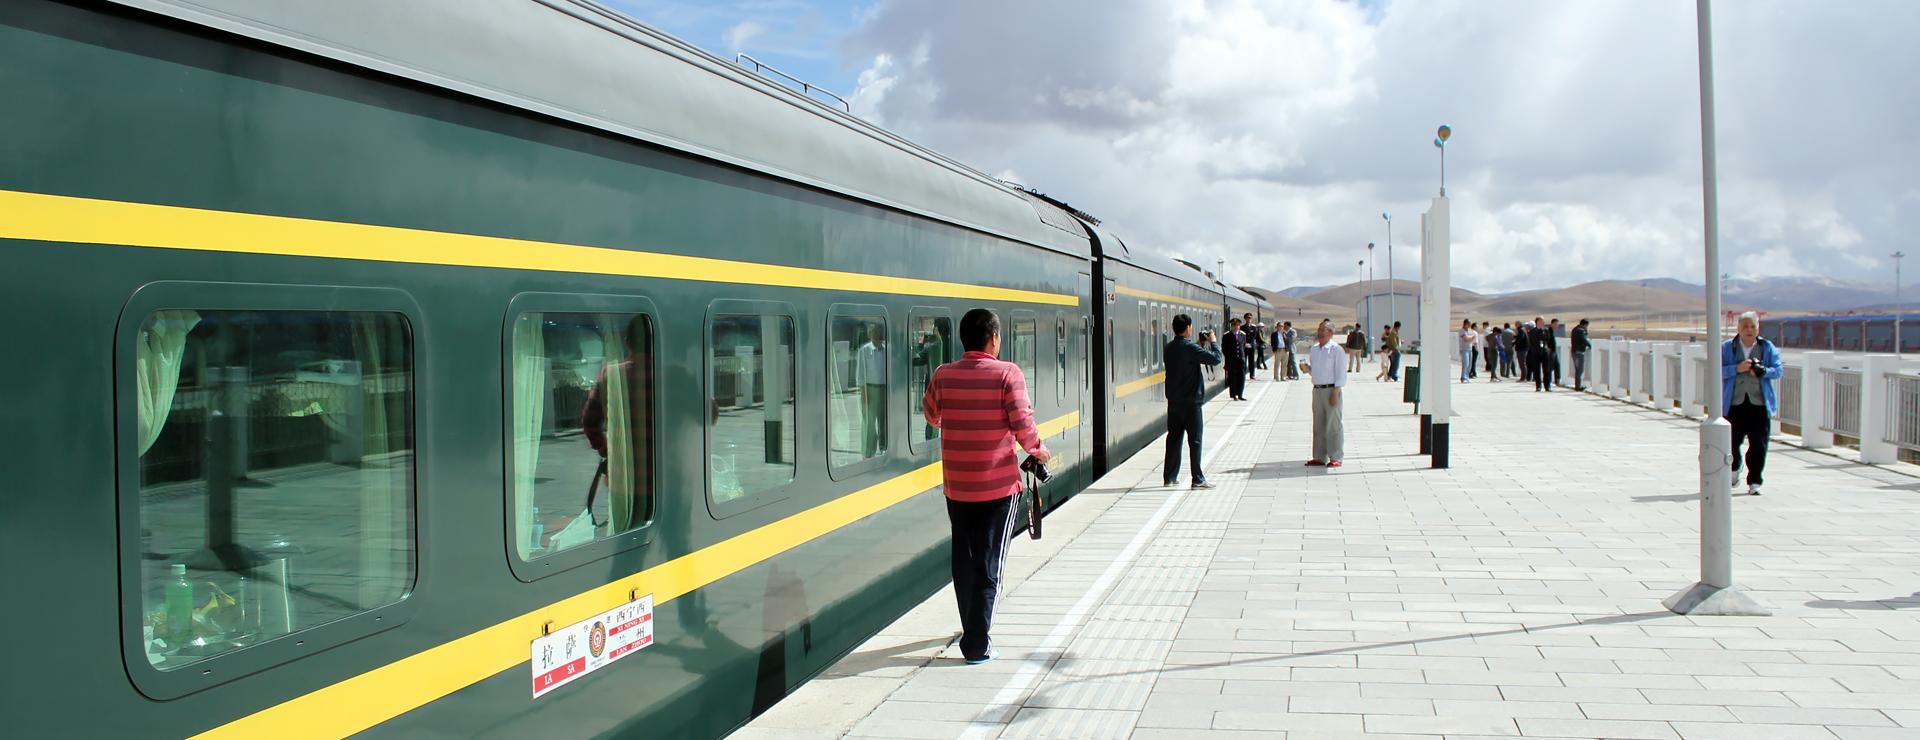 Qingzang railroad